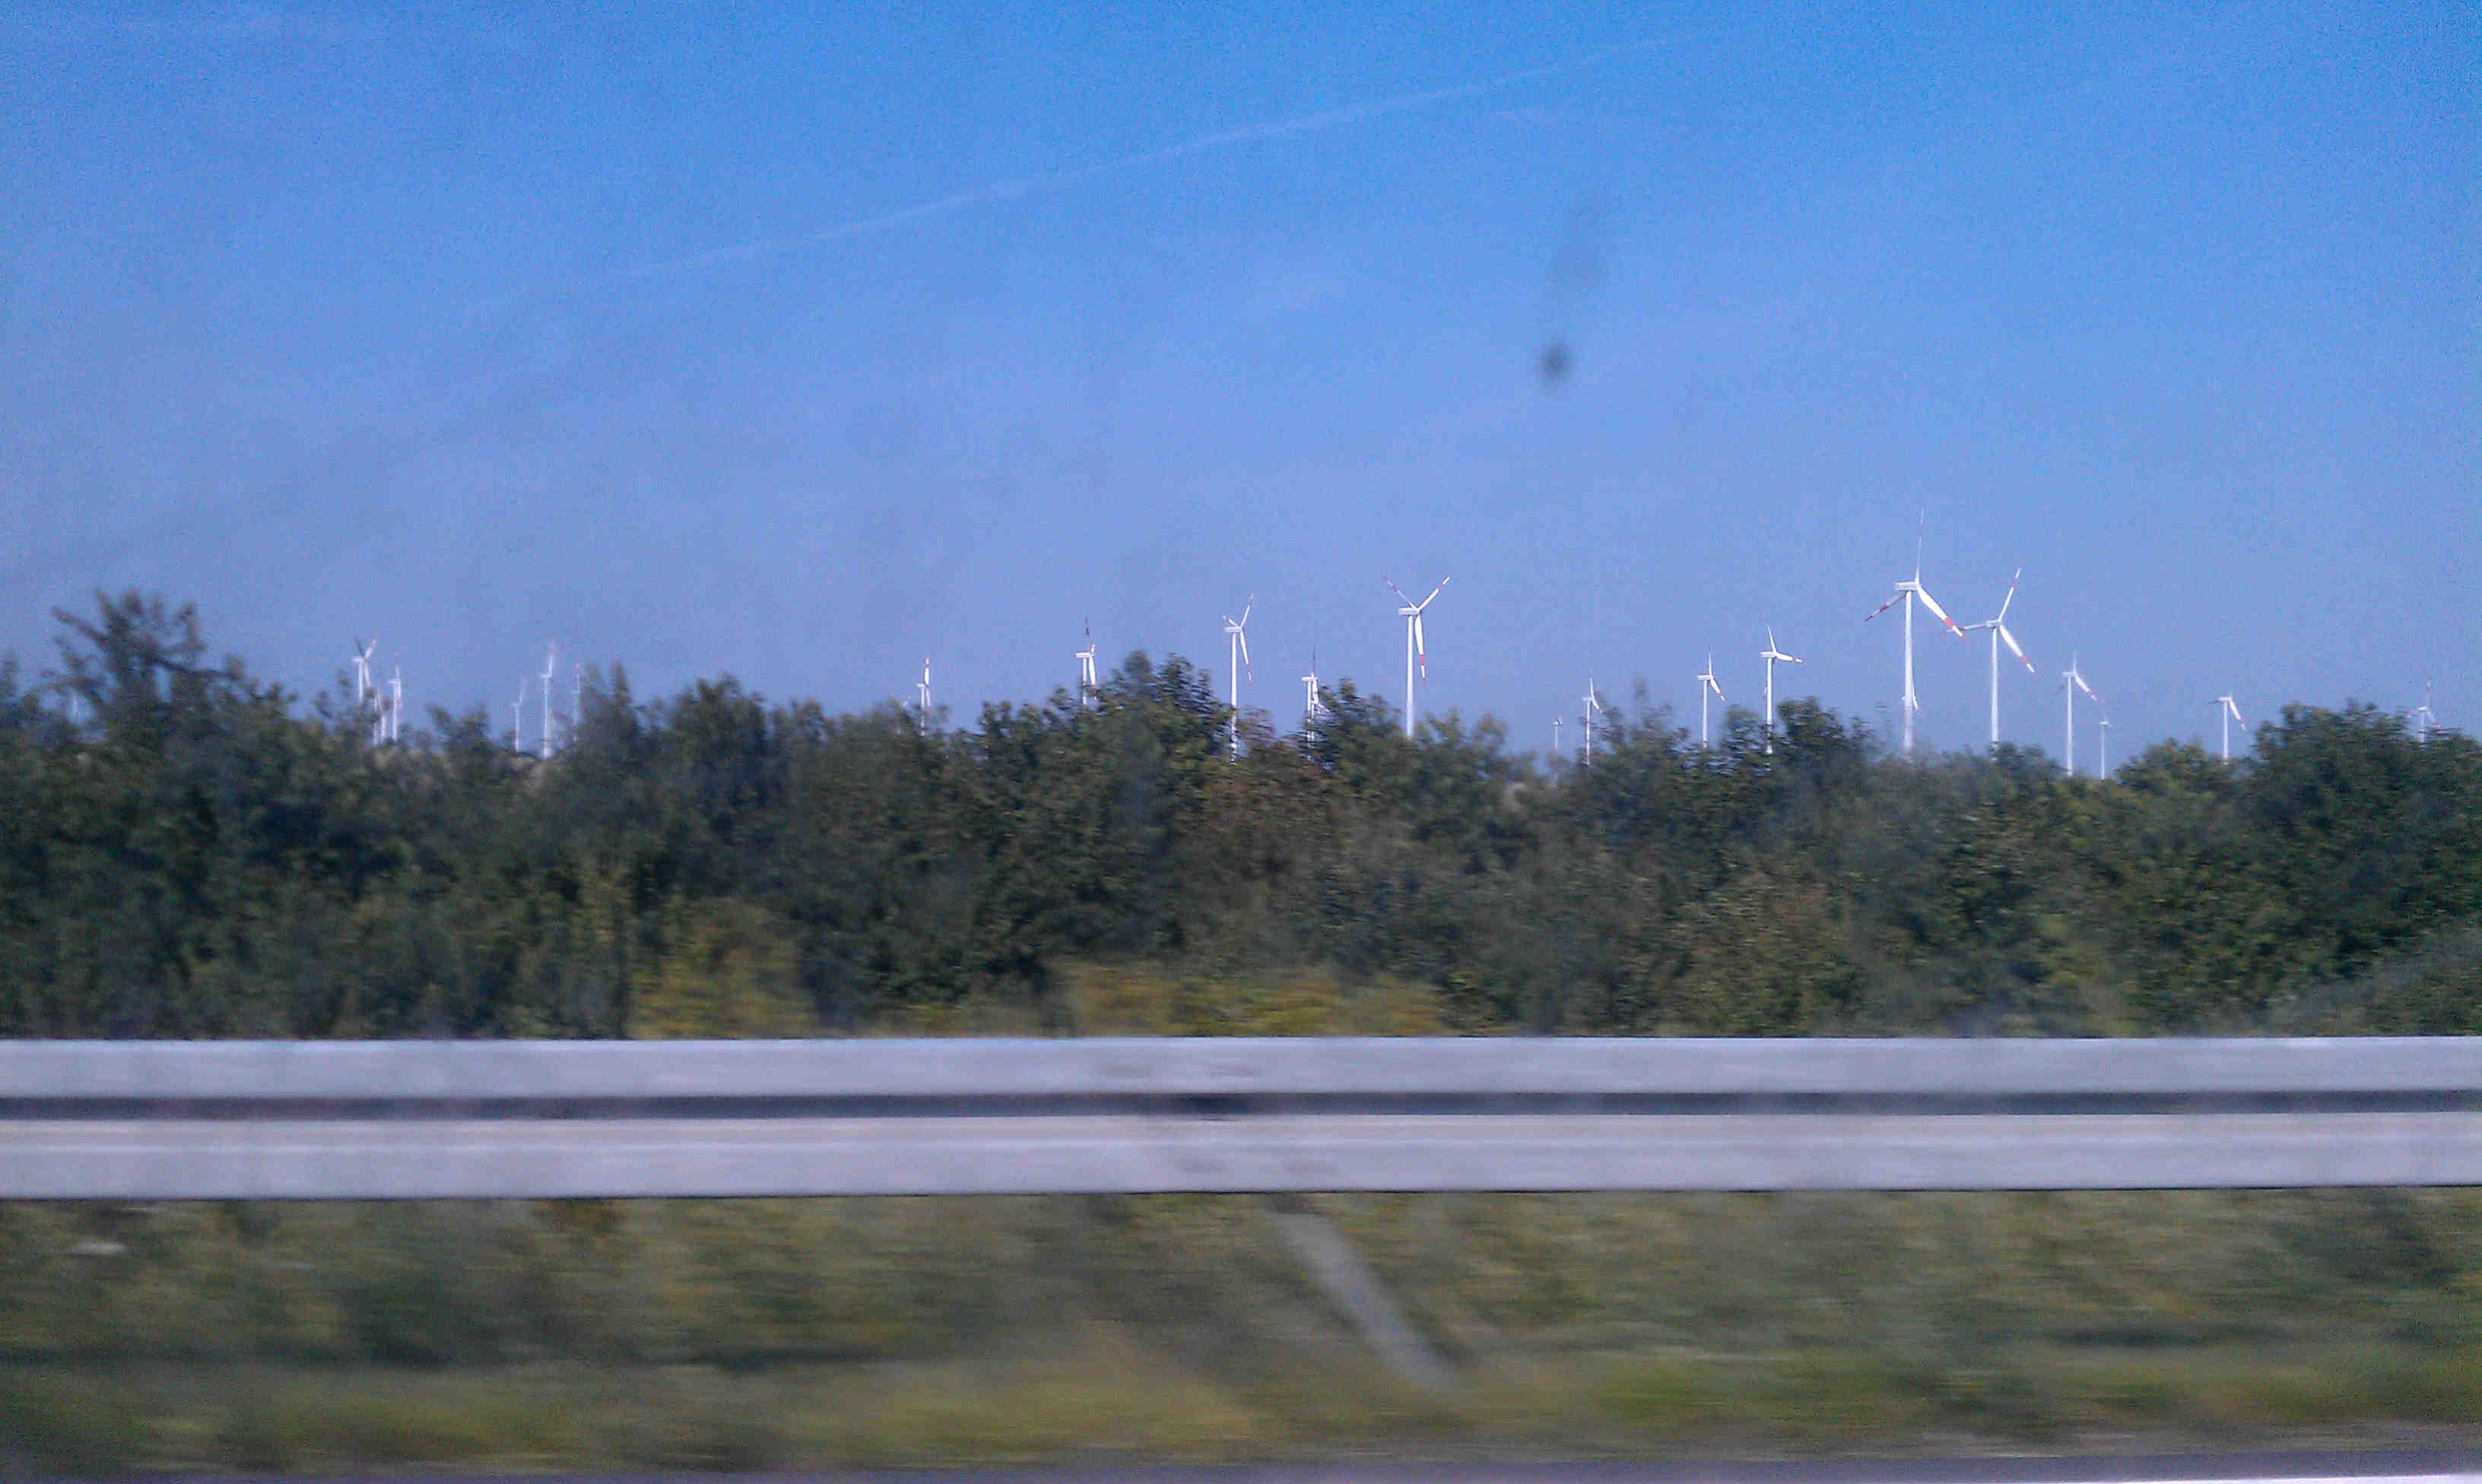 Strom wird hier auch produziert